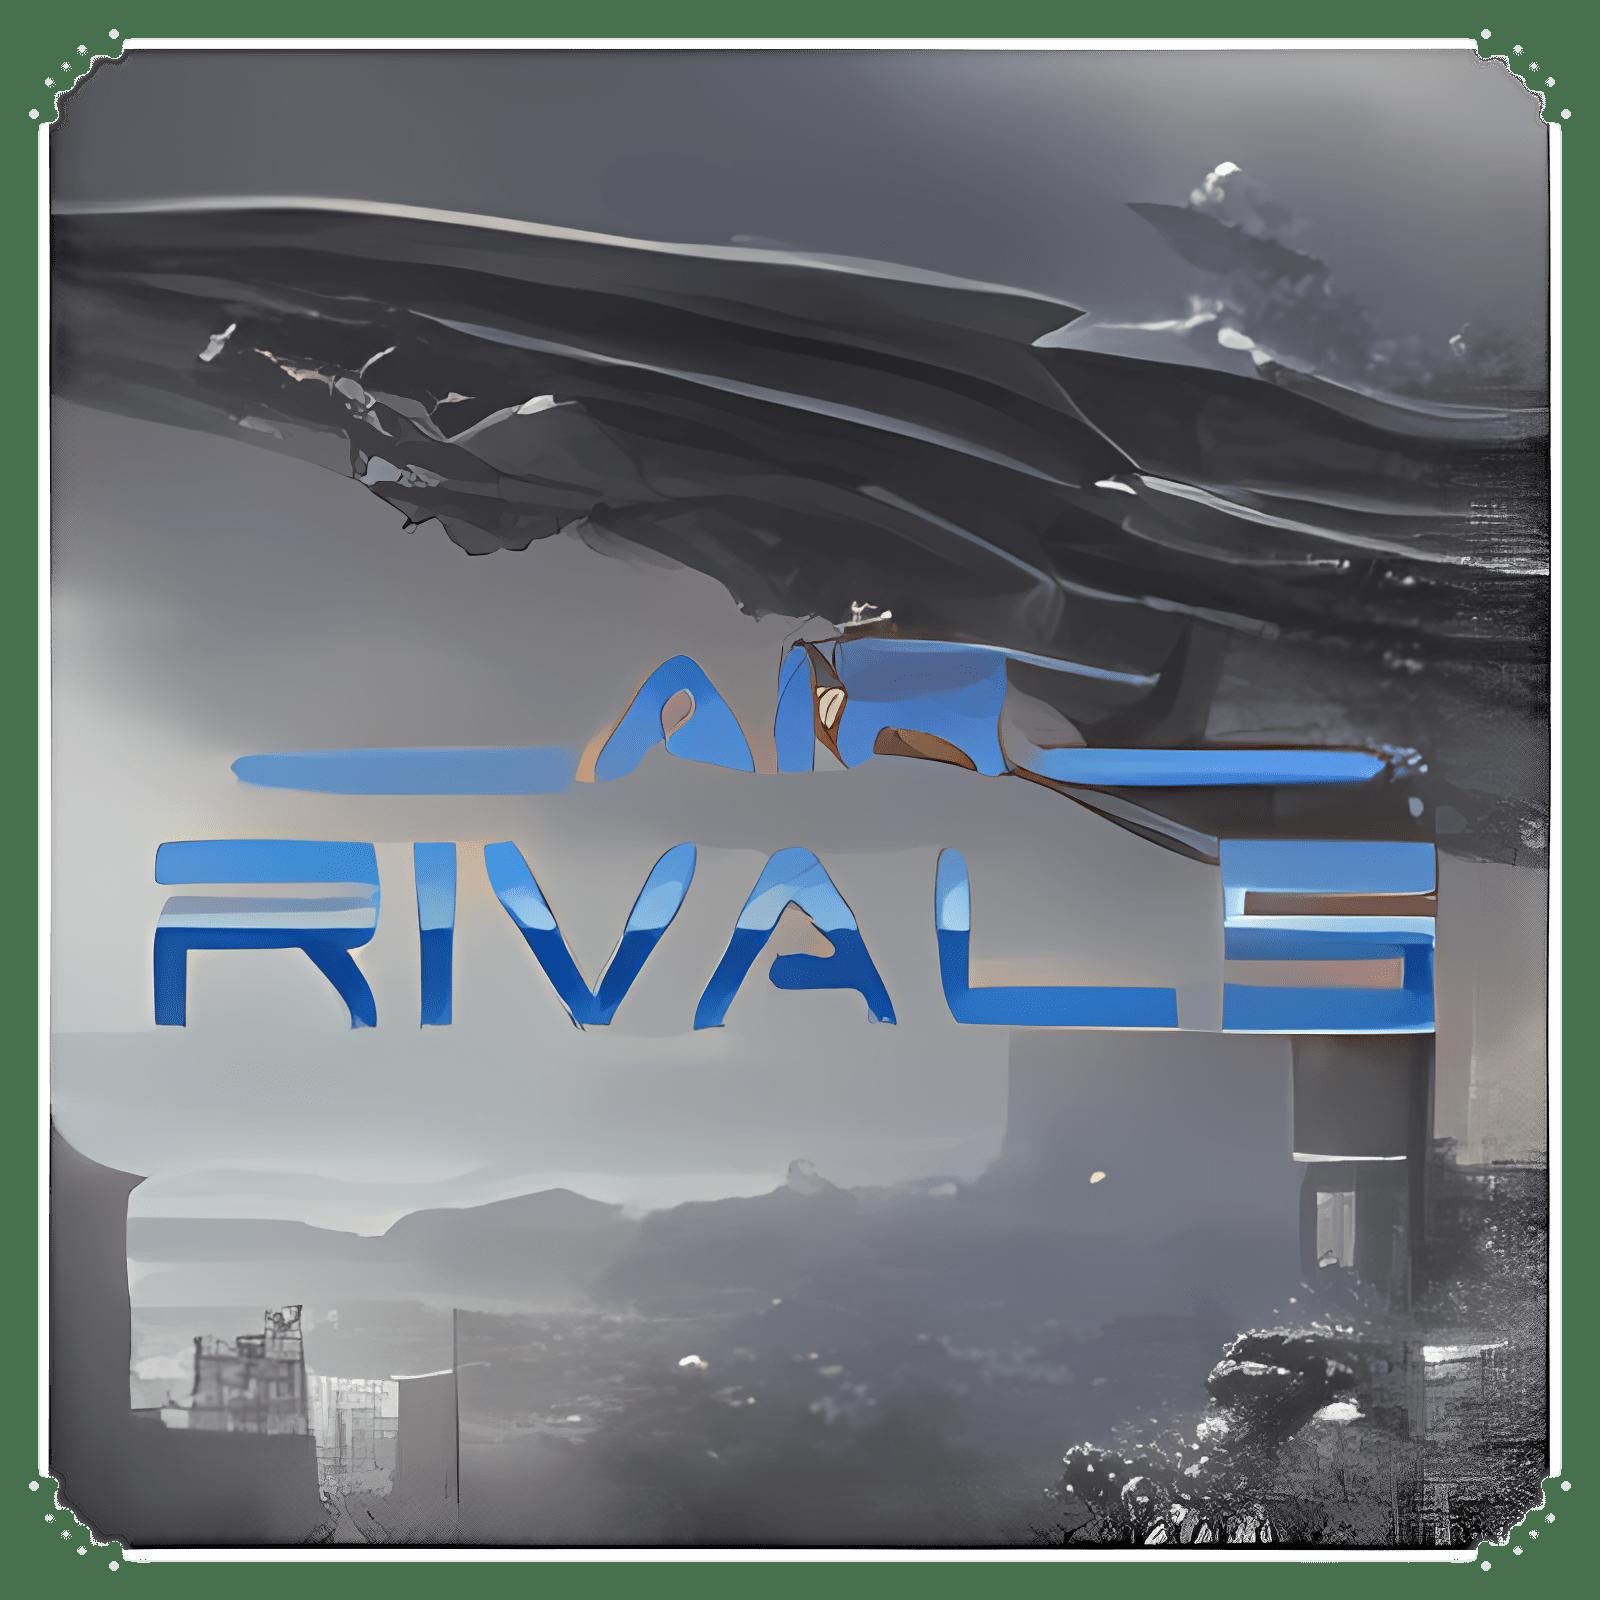 Air Rivals